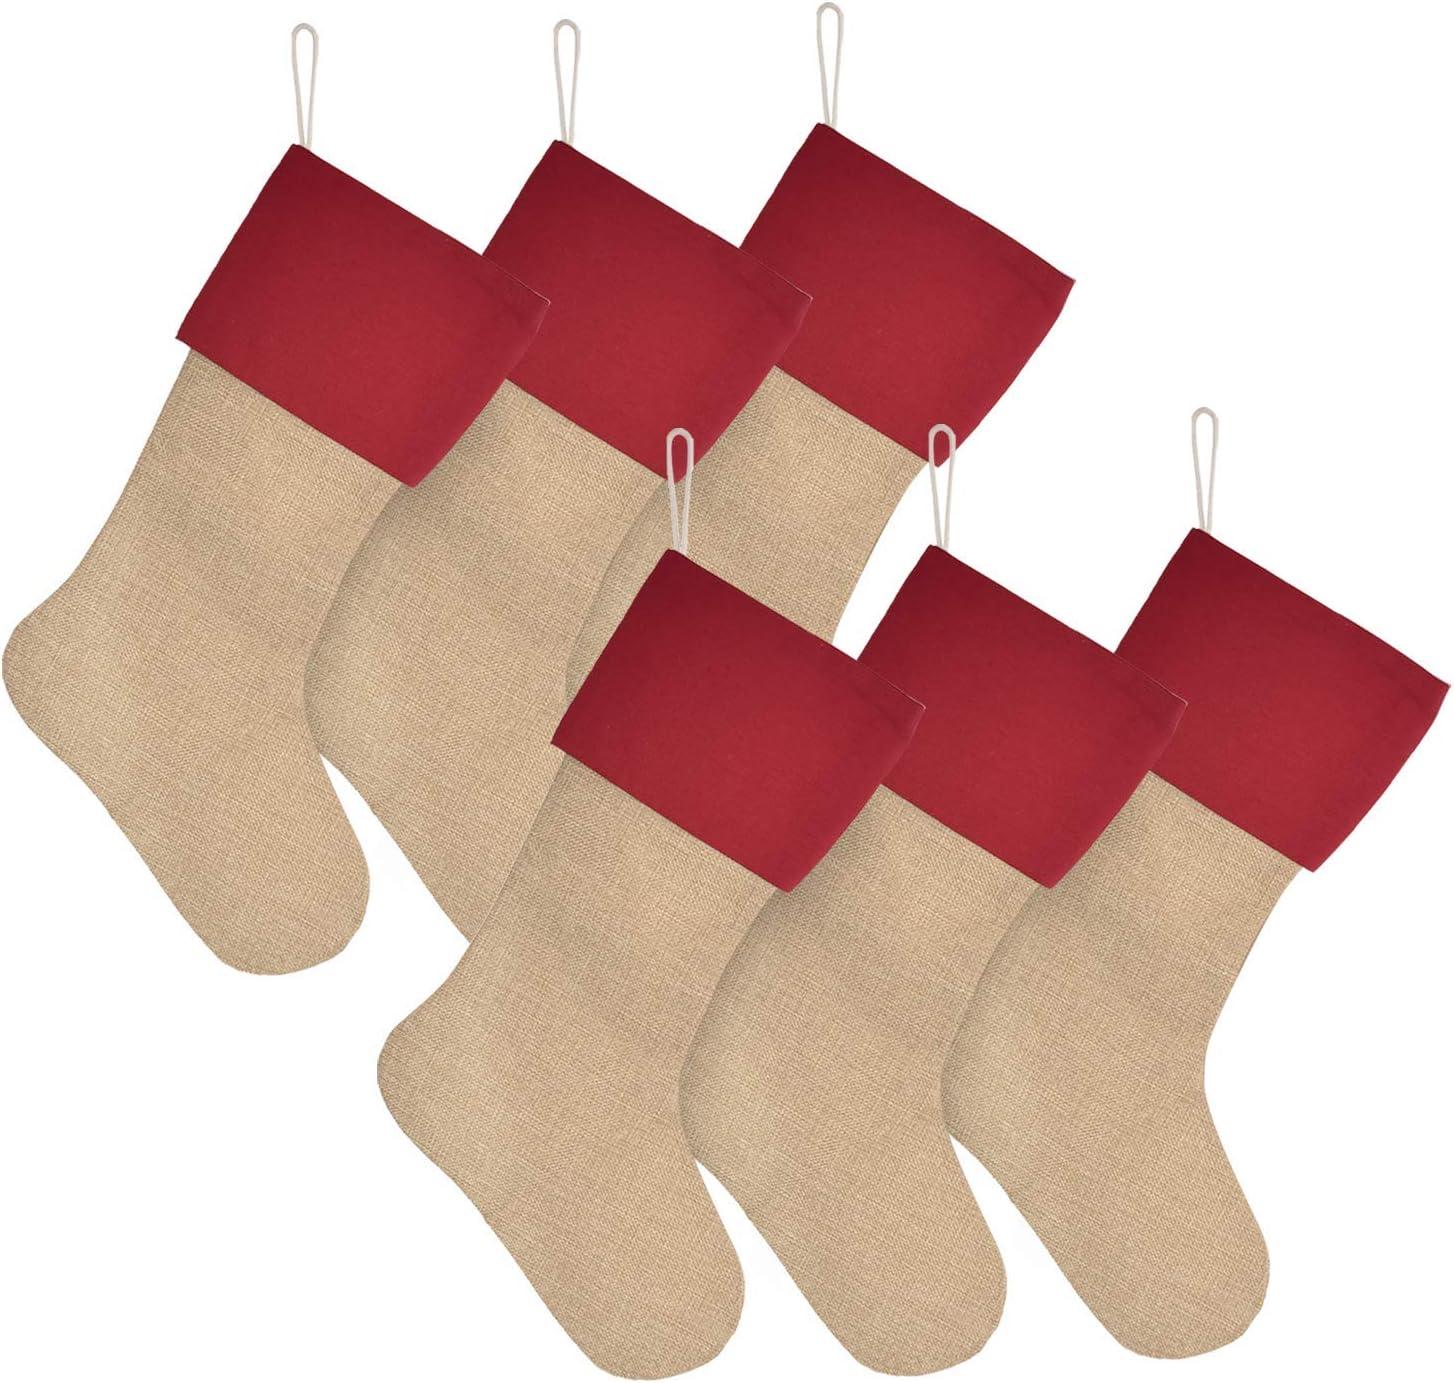 Elegantpark/Calze/Natale/Bianche/Grande/Set/4/Calze/Natalizie/da/Appendere/Sacchetti/Regalo/Natale/Decorazioni/Calze/Natale/Camino/Famiglia